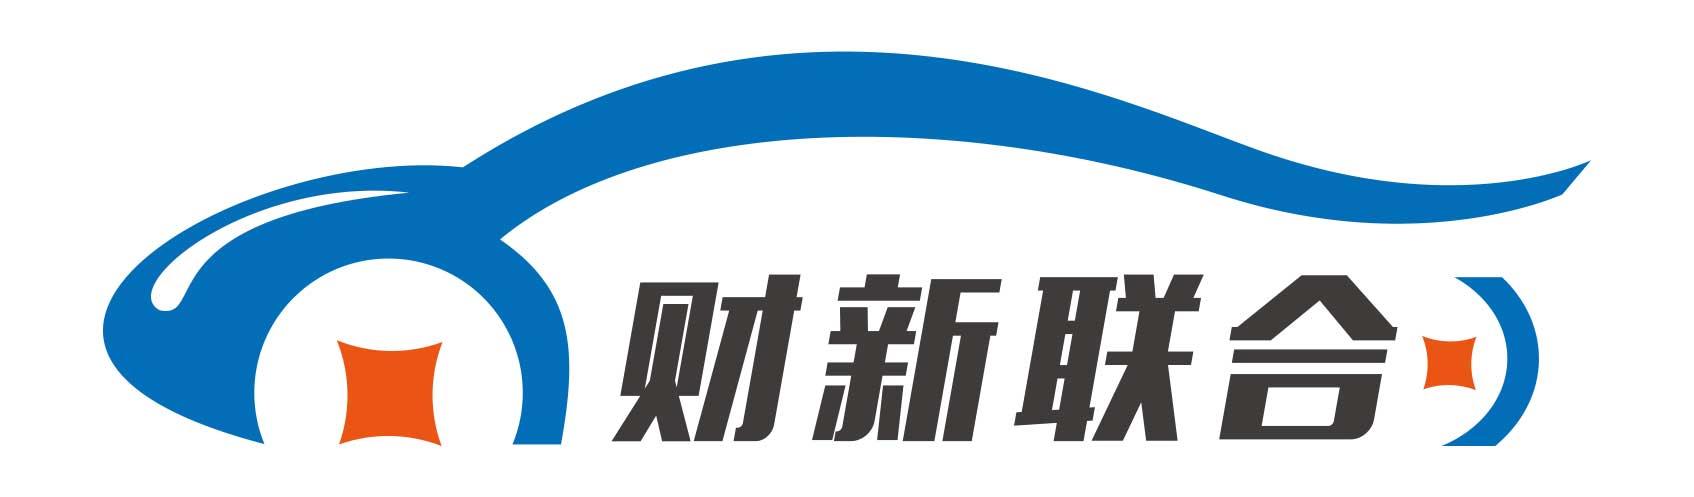 财新联合汽车租赁(北京)有限公司